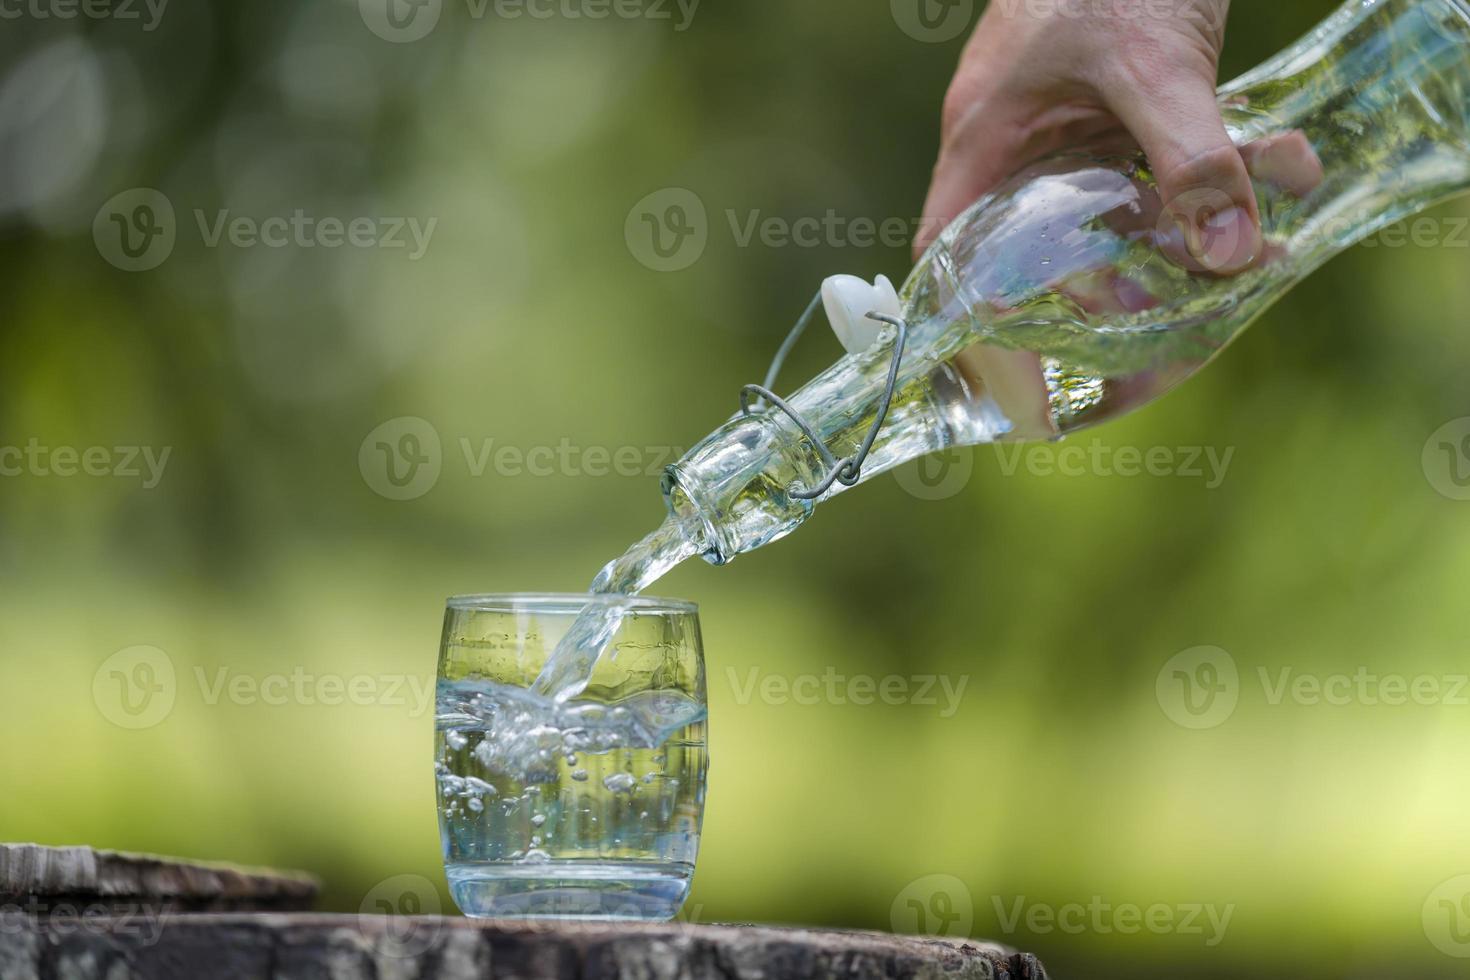 mão derramando beber água da garrafa em vidro com fundo natural foto